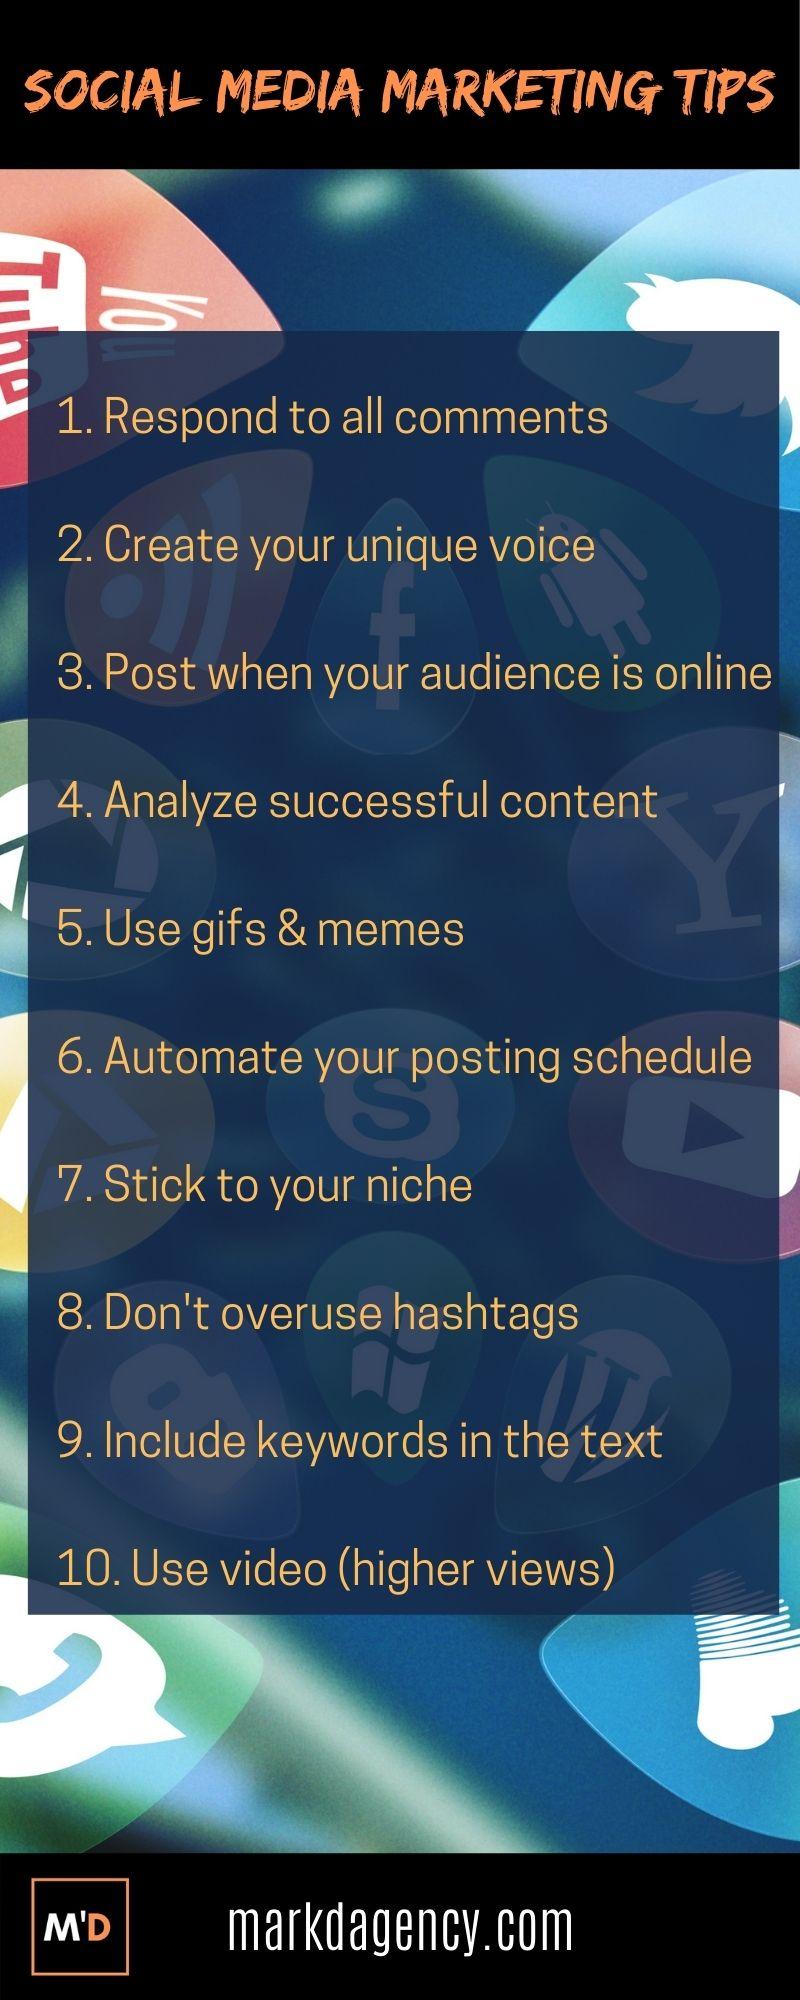 Social media marketing tips (1)